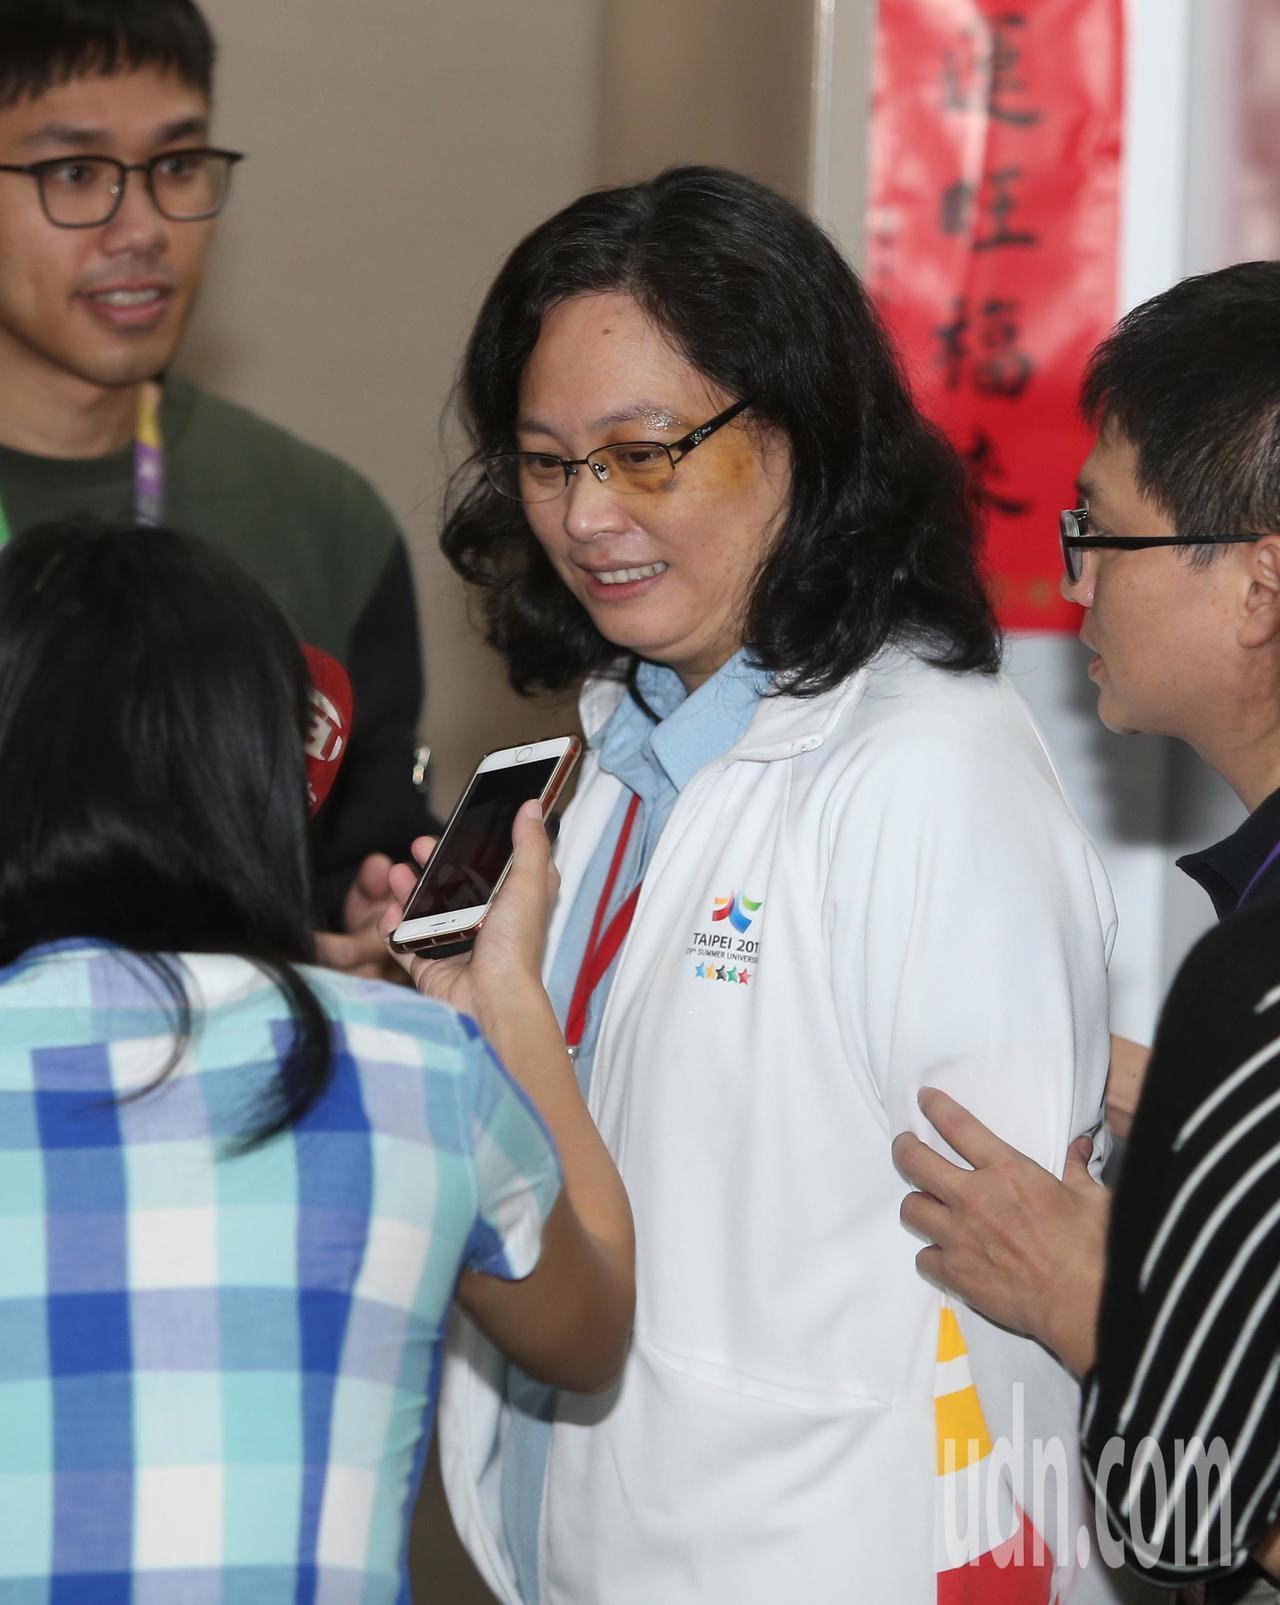 日前遇襲的台北市勞動局長賴香伶(中)上午重返工作崗位,出席市政會議。賴香伶表示,...